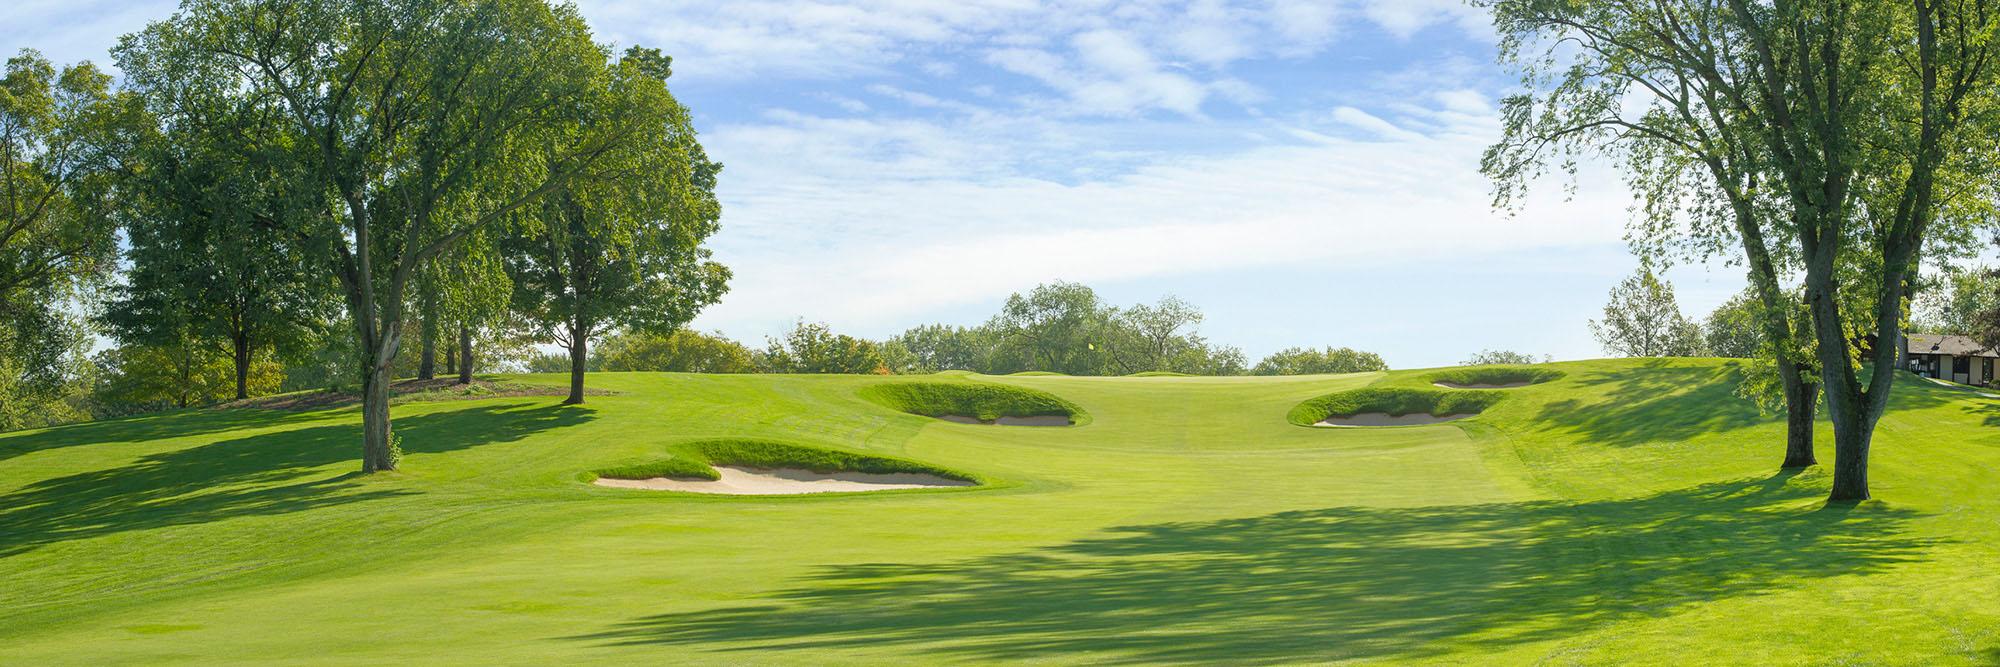 Golf Course Image - Interlachen No. 12